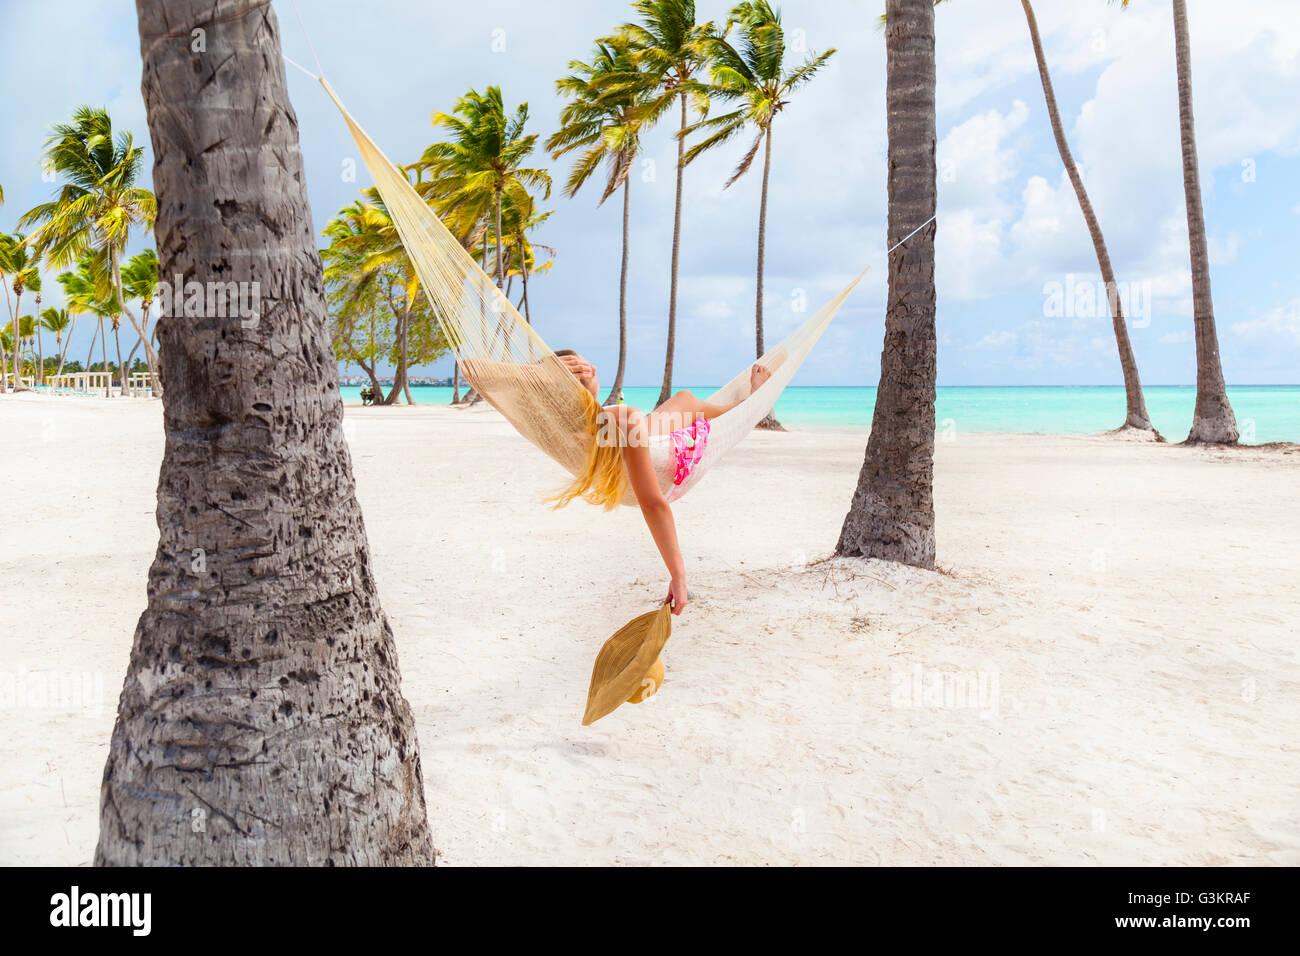 Junge Frau ein Sonnenbad im Palm Tree Hängematte am Strand, Dominikanische Republik, Karibik Stockbild